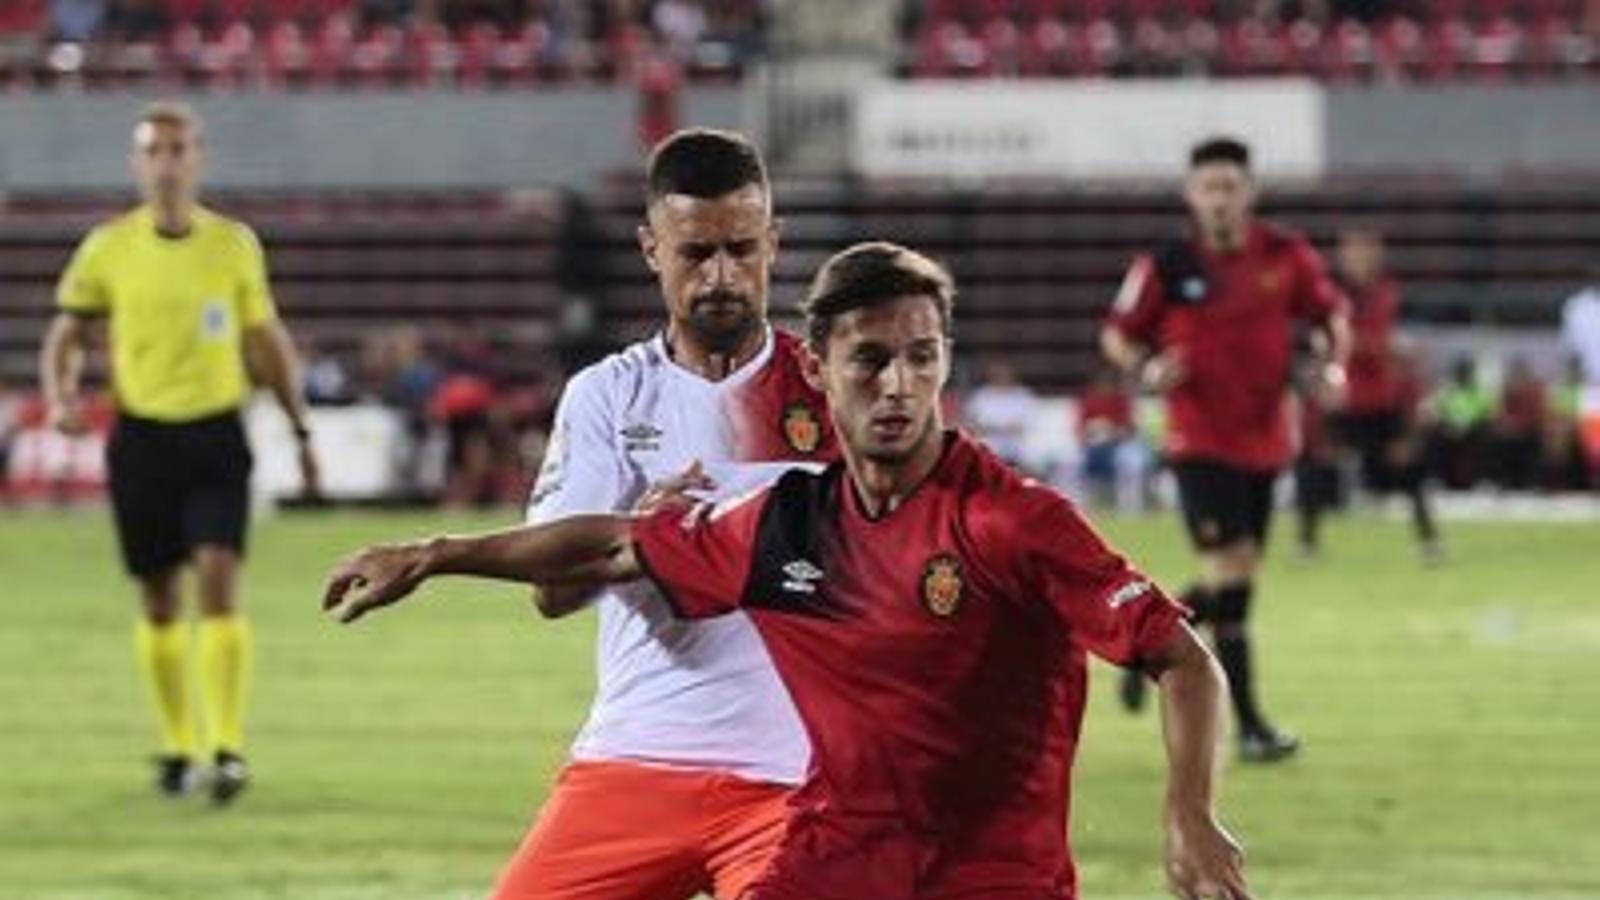 El Mallorca torna a Palma i Fernando Cano marxa al Lleida Esportiu